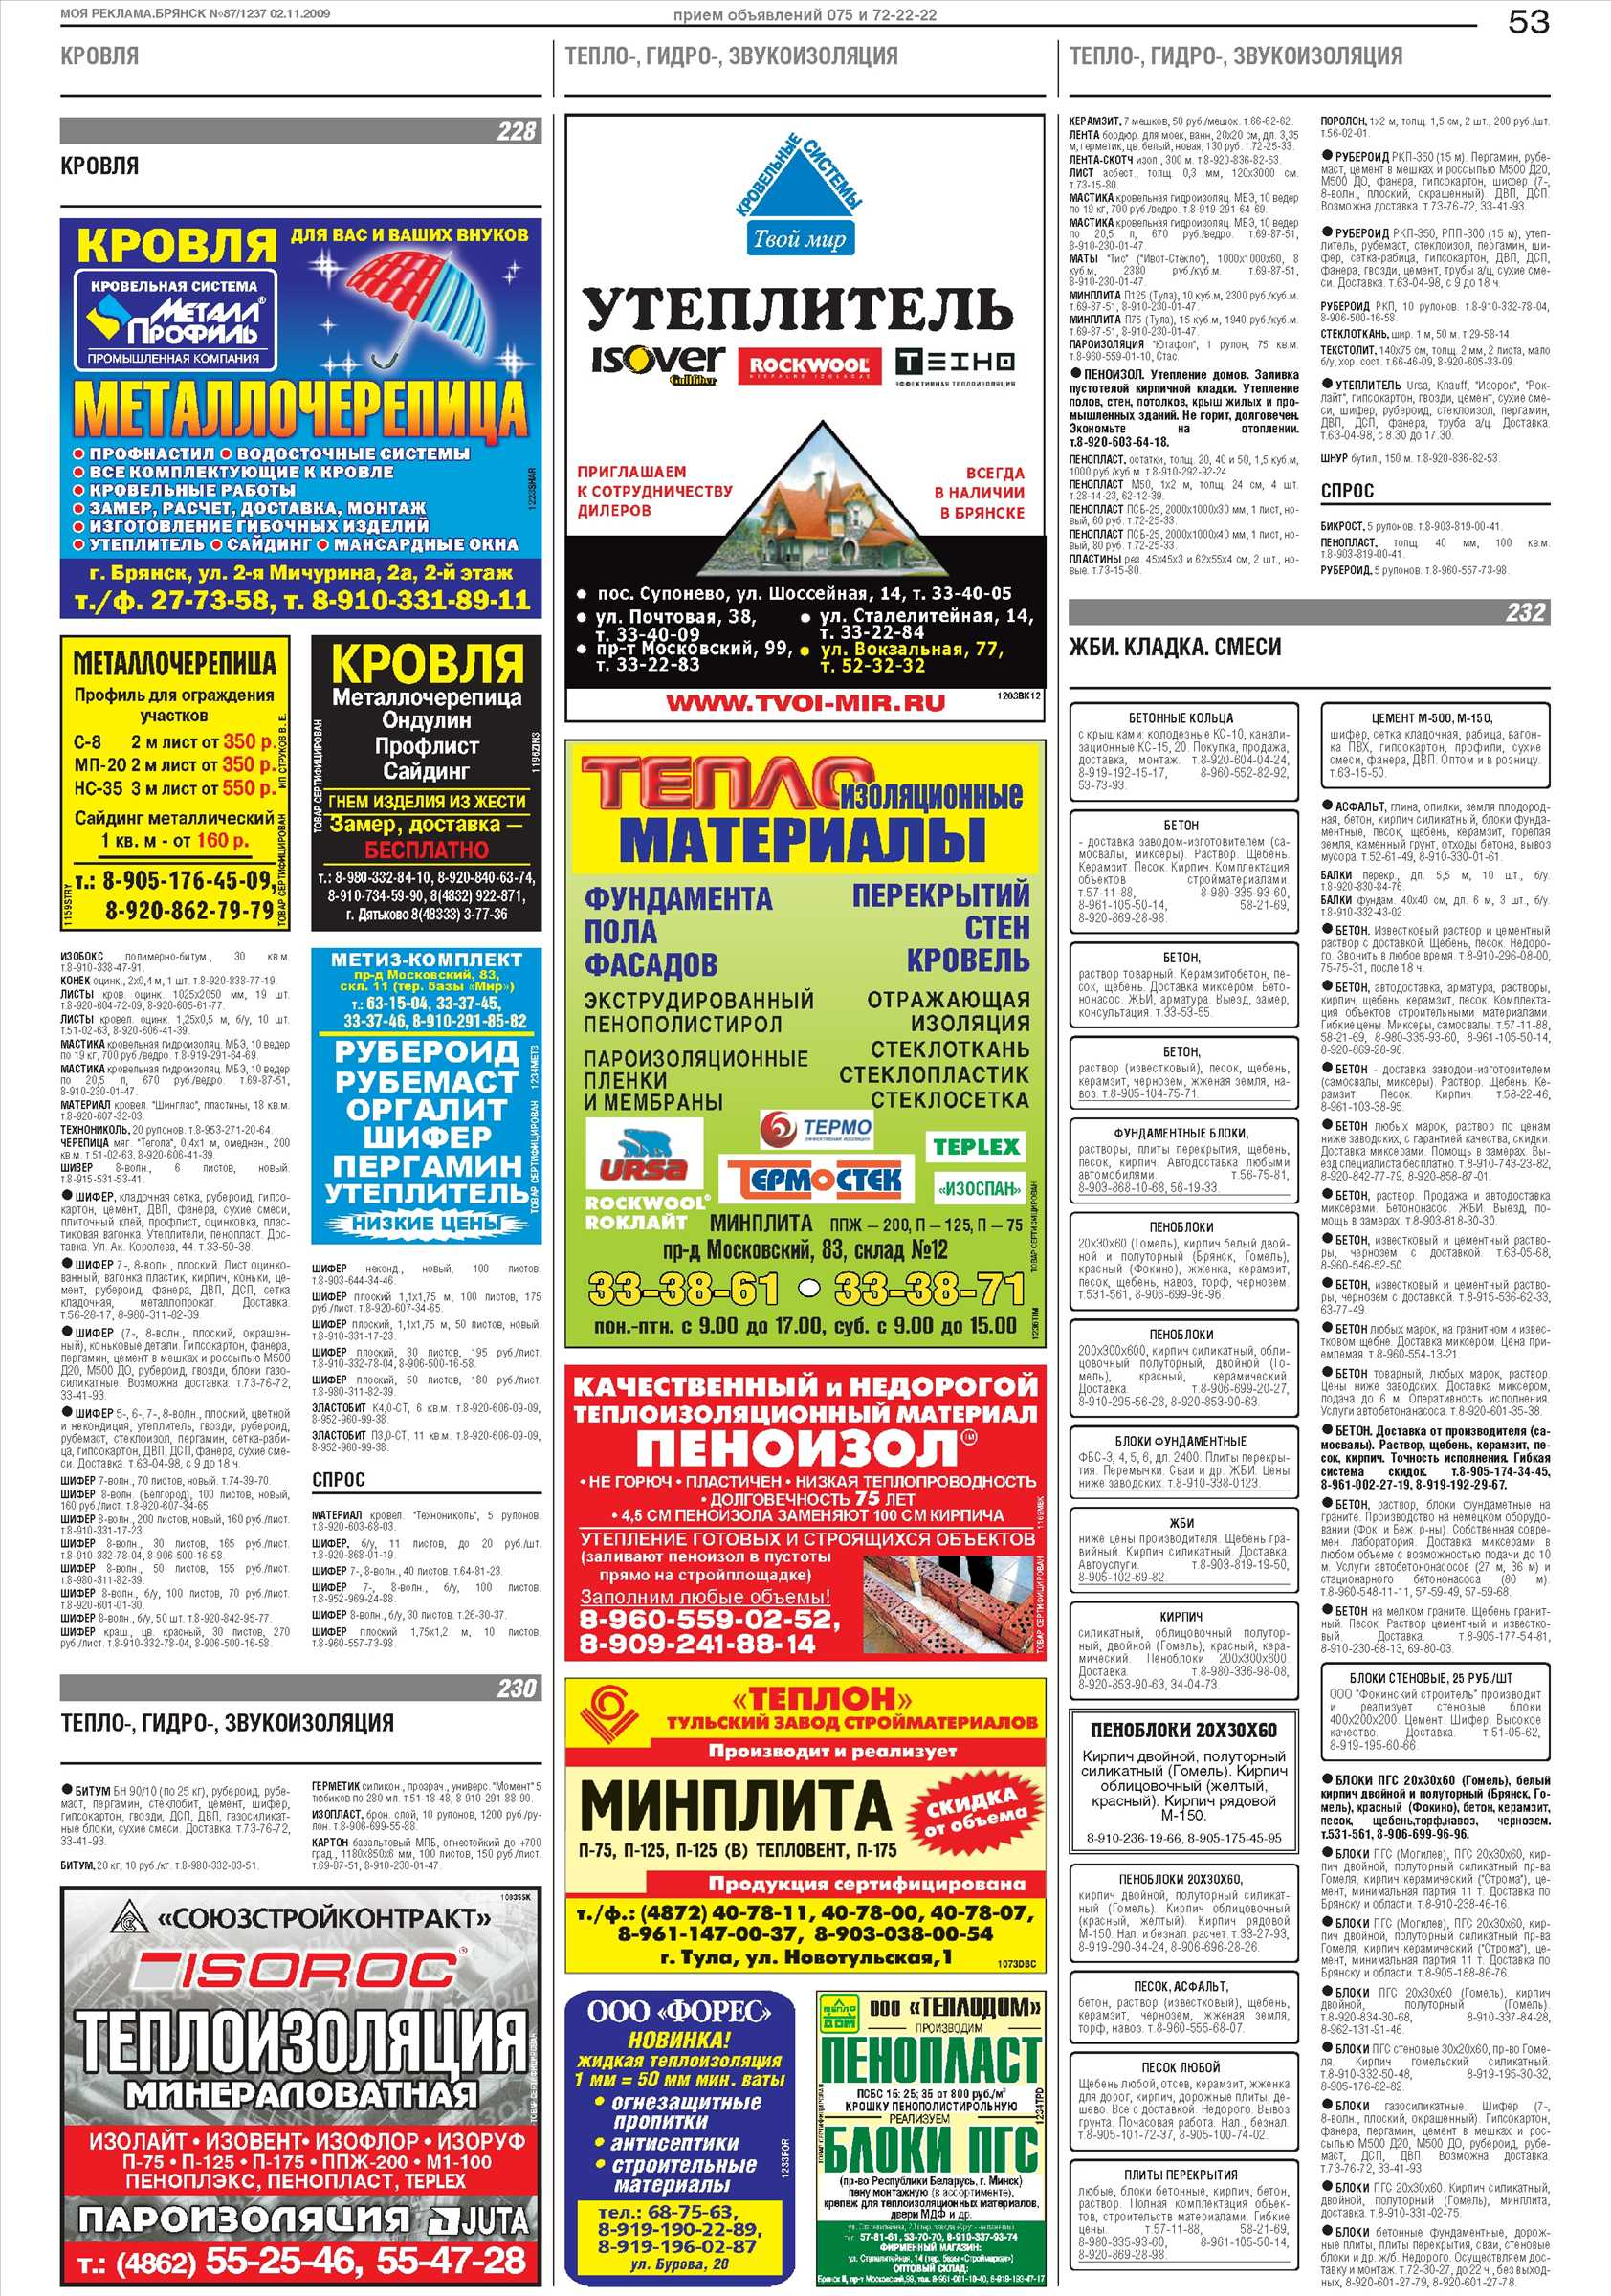 Газета моя реклама белгород подать объявление бесплатно дать объявление работа в астрахани